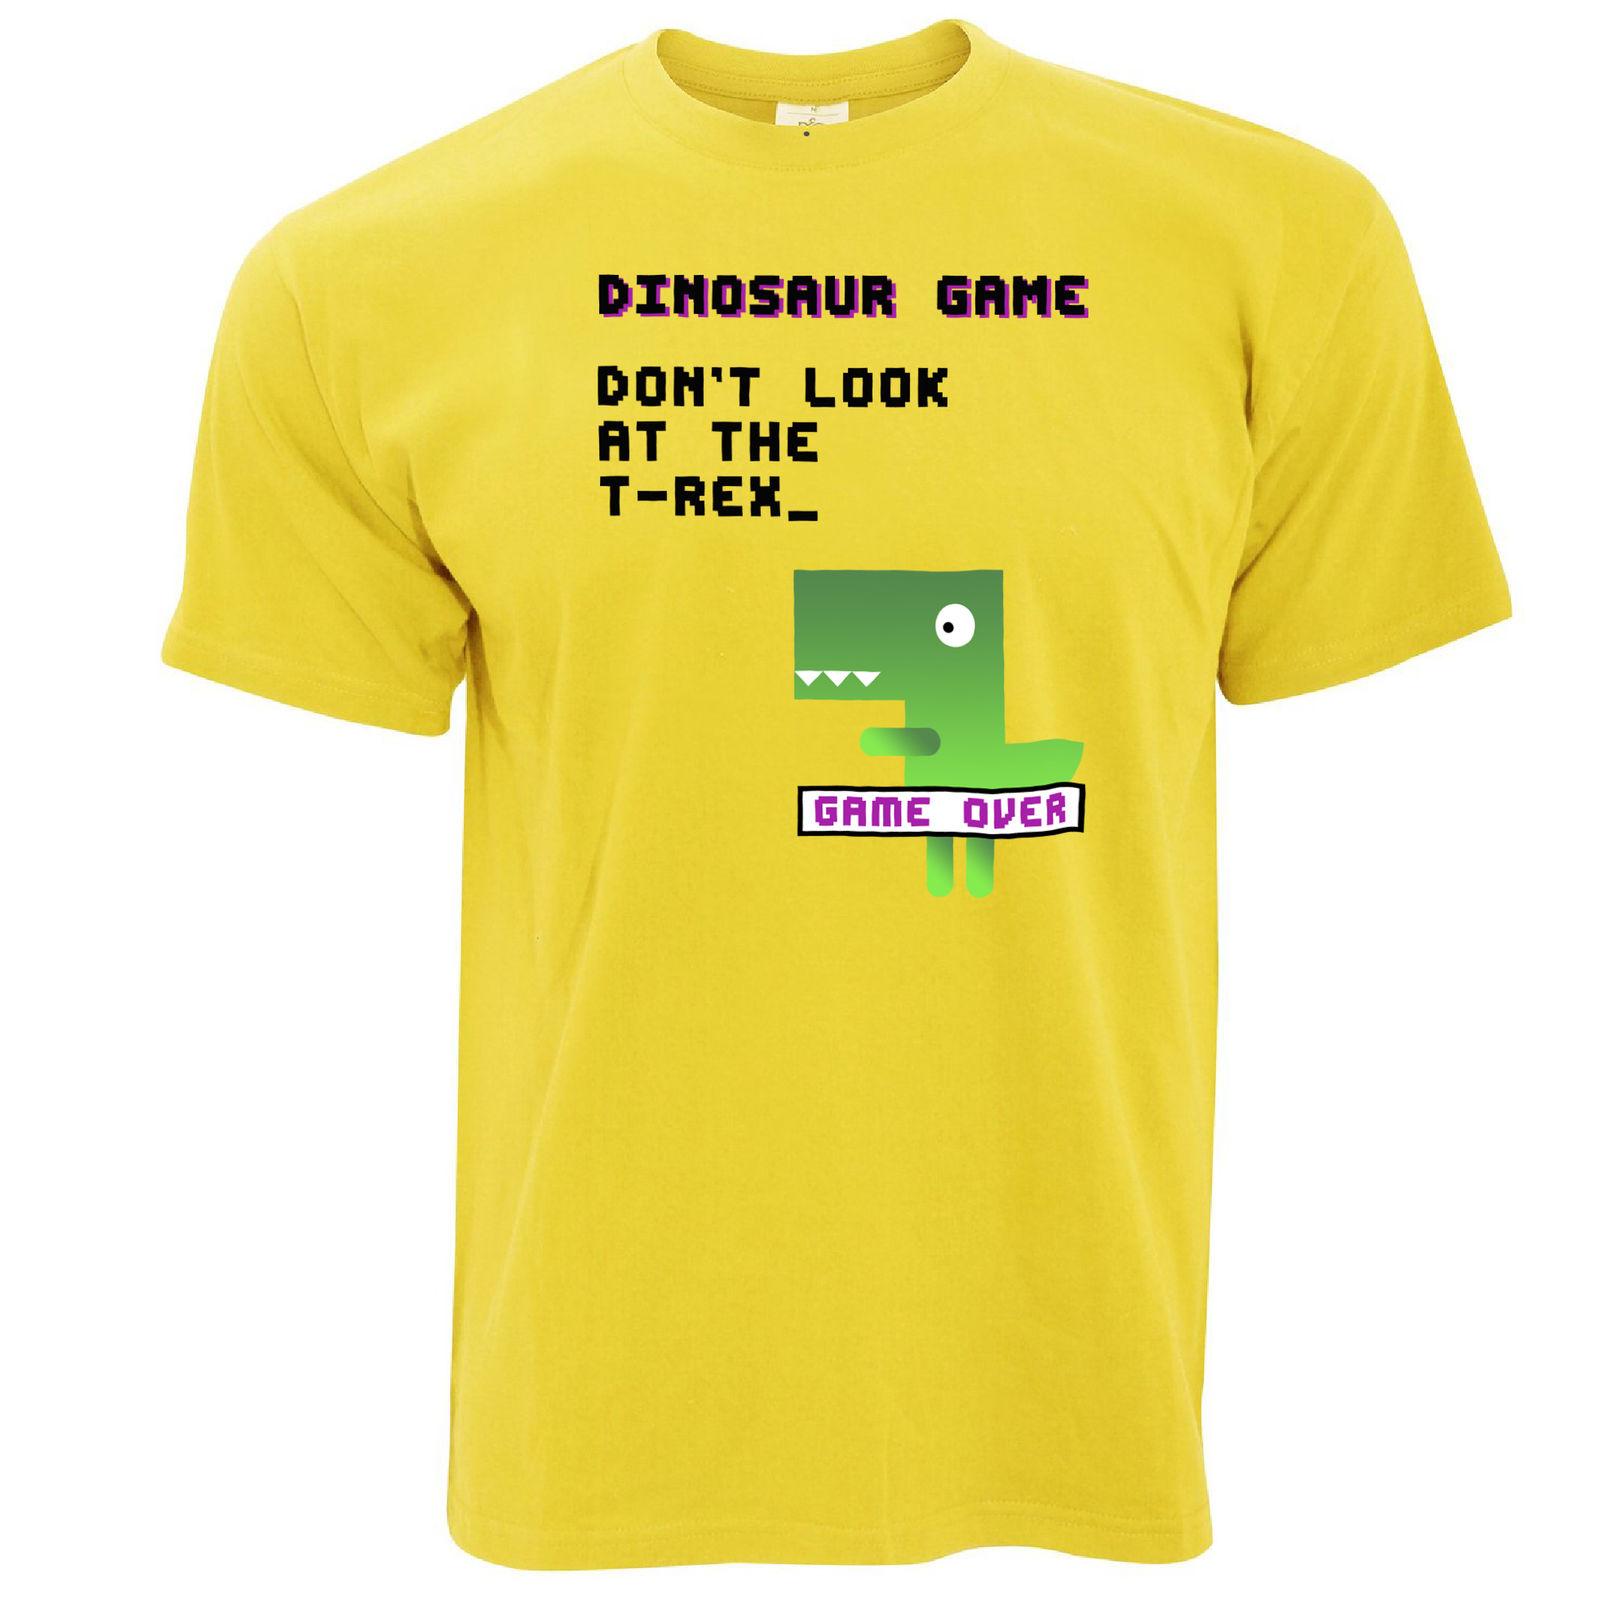 Динозавр T Rex игры 80 s консоли визуальный шутка печать логотипа Дизайн футболка мужская мода мужские футболки